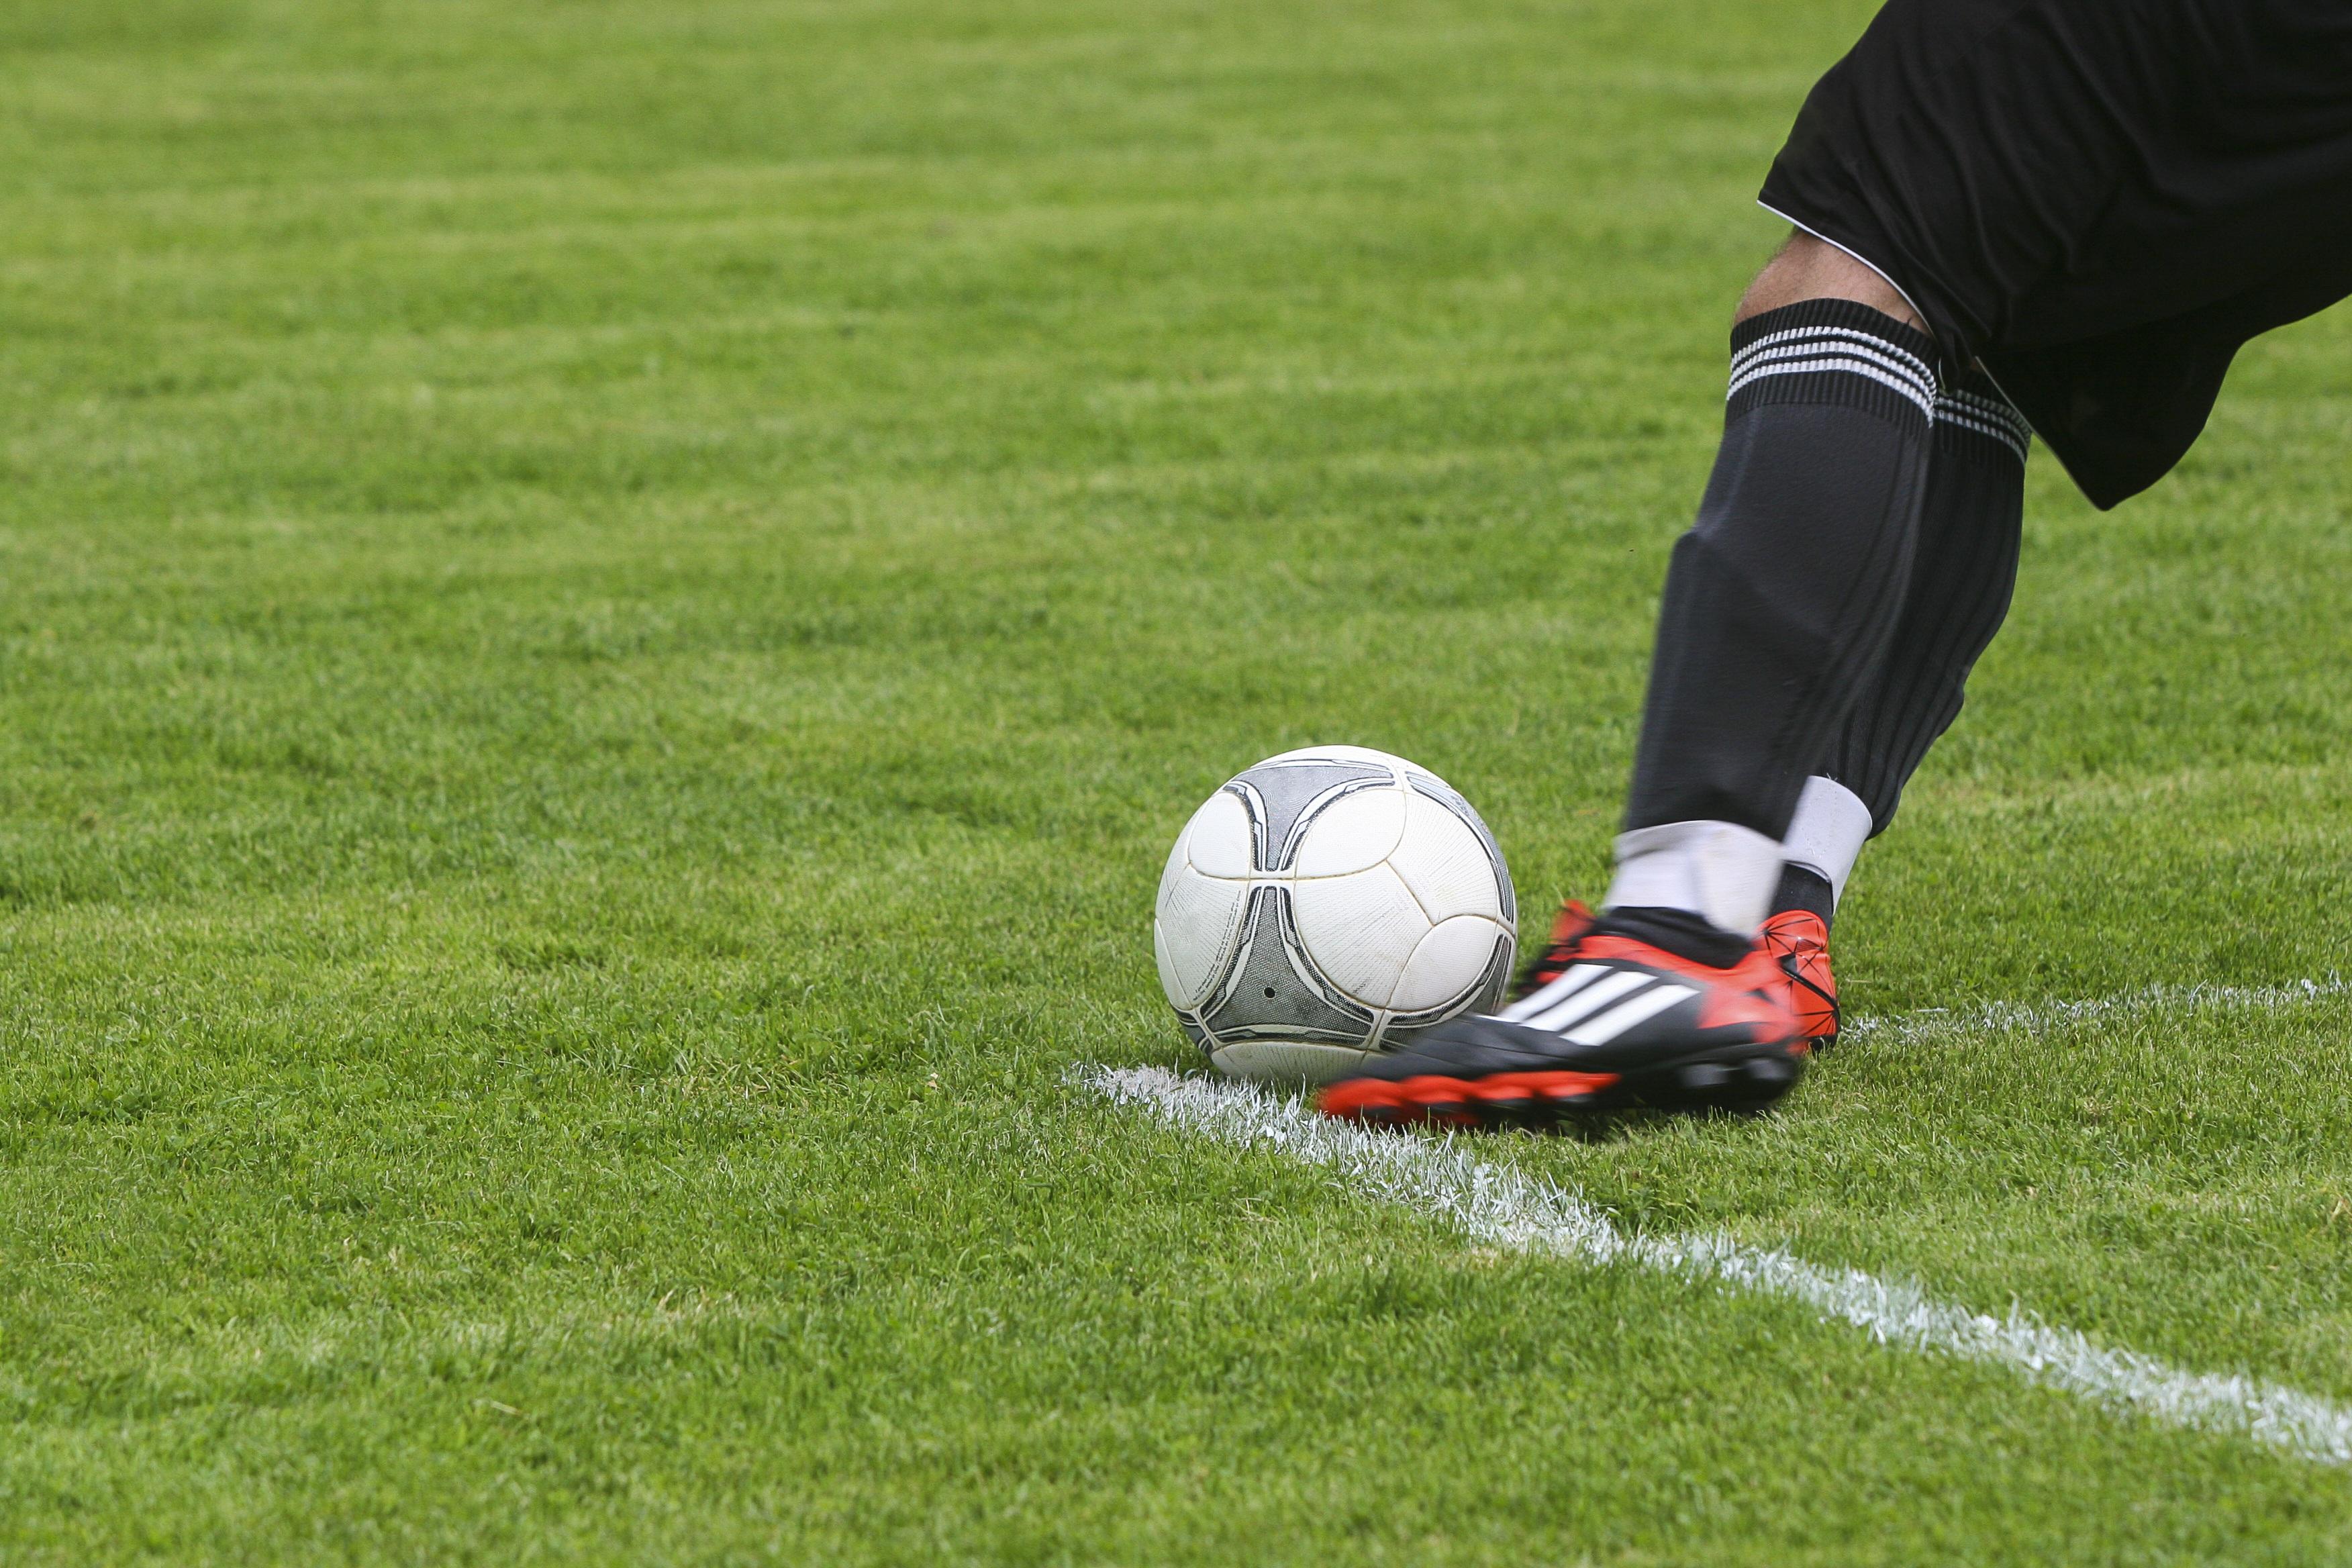 Norská fotbalová asociace rozhodla, že bude dávat stejný plat mužům a ženám